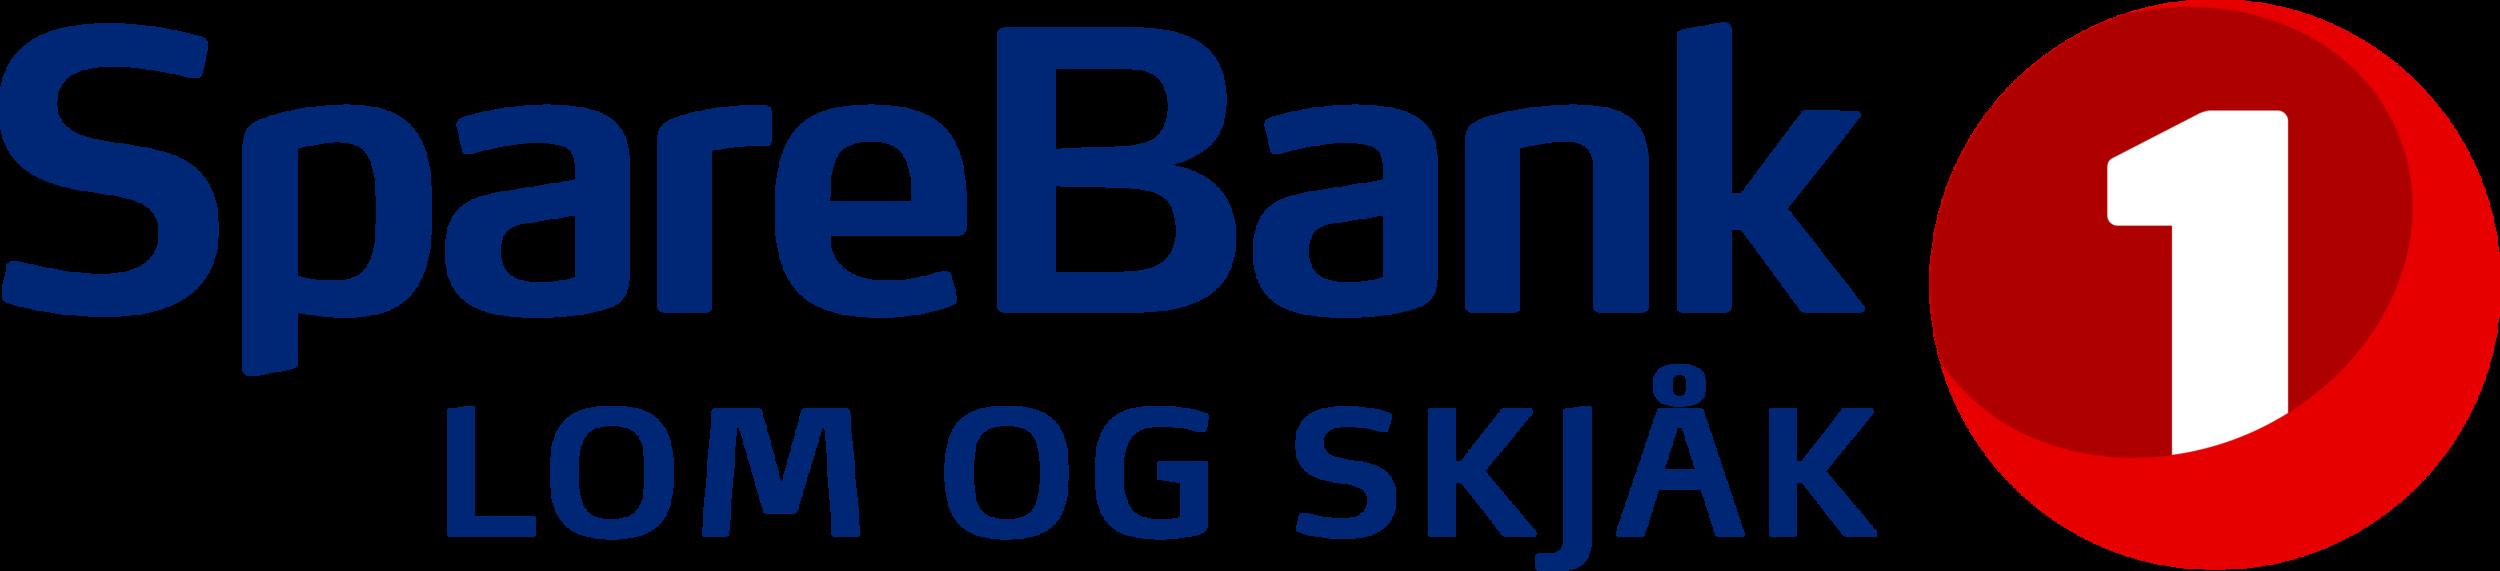 SpareBank 1 Lom og Skjåk